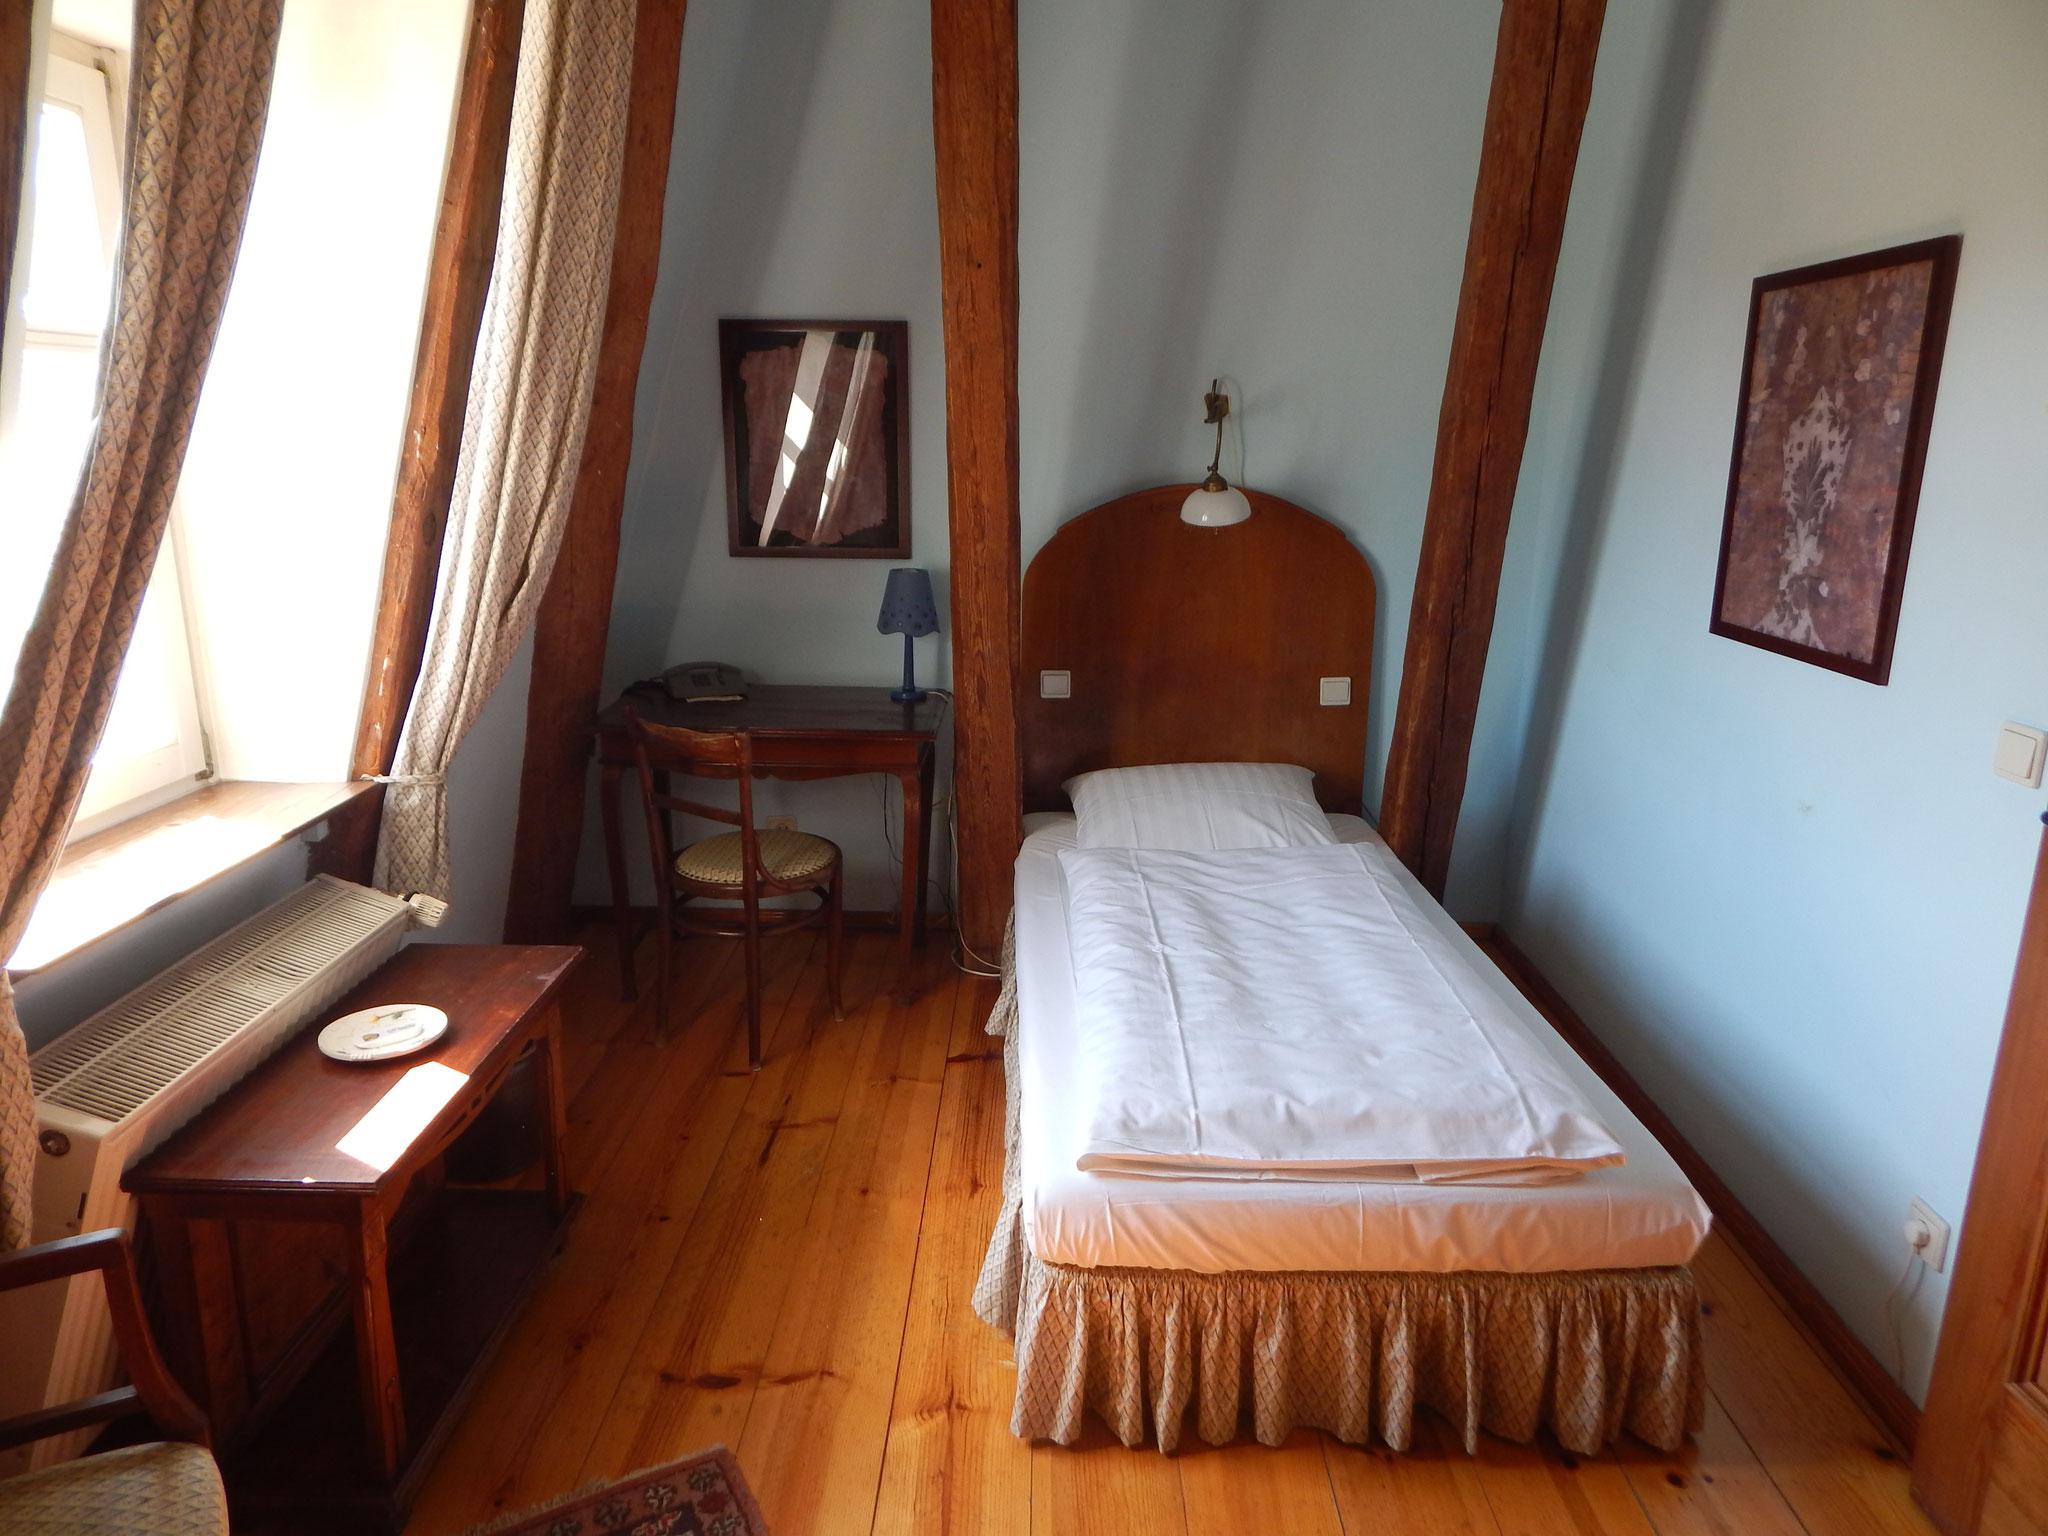 Einzelzimmer im Hotel Alte Försterei Kloster Zinna